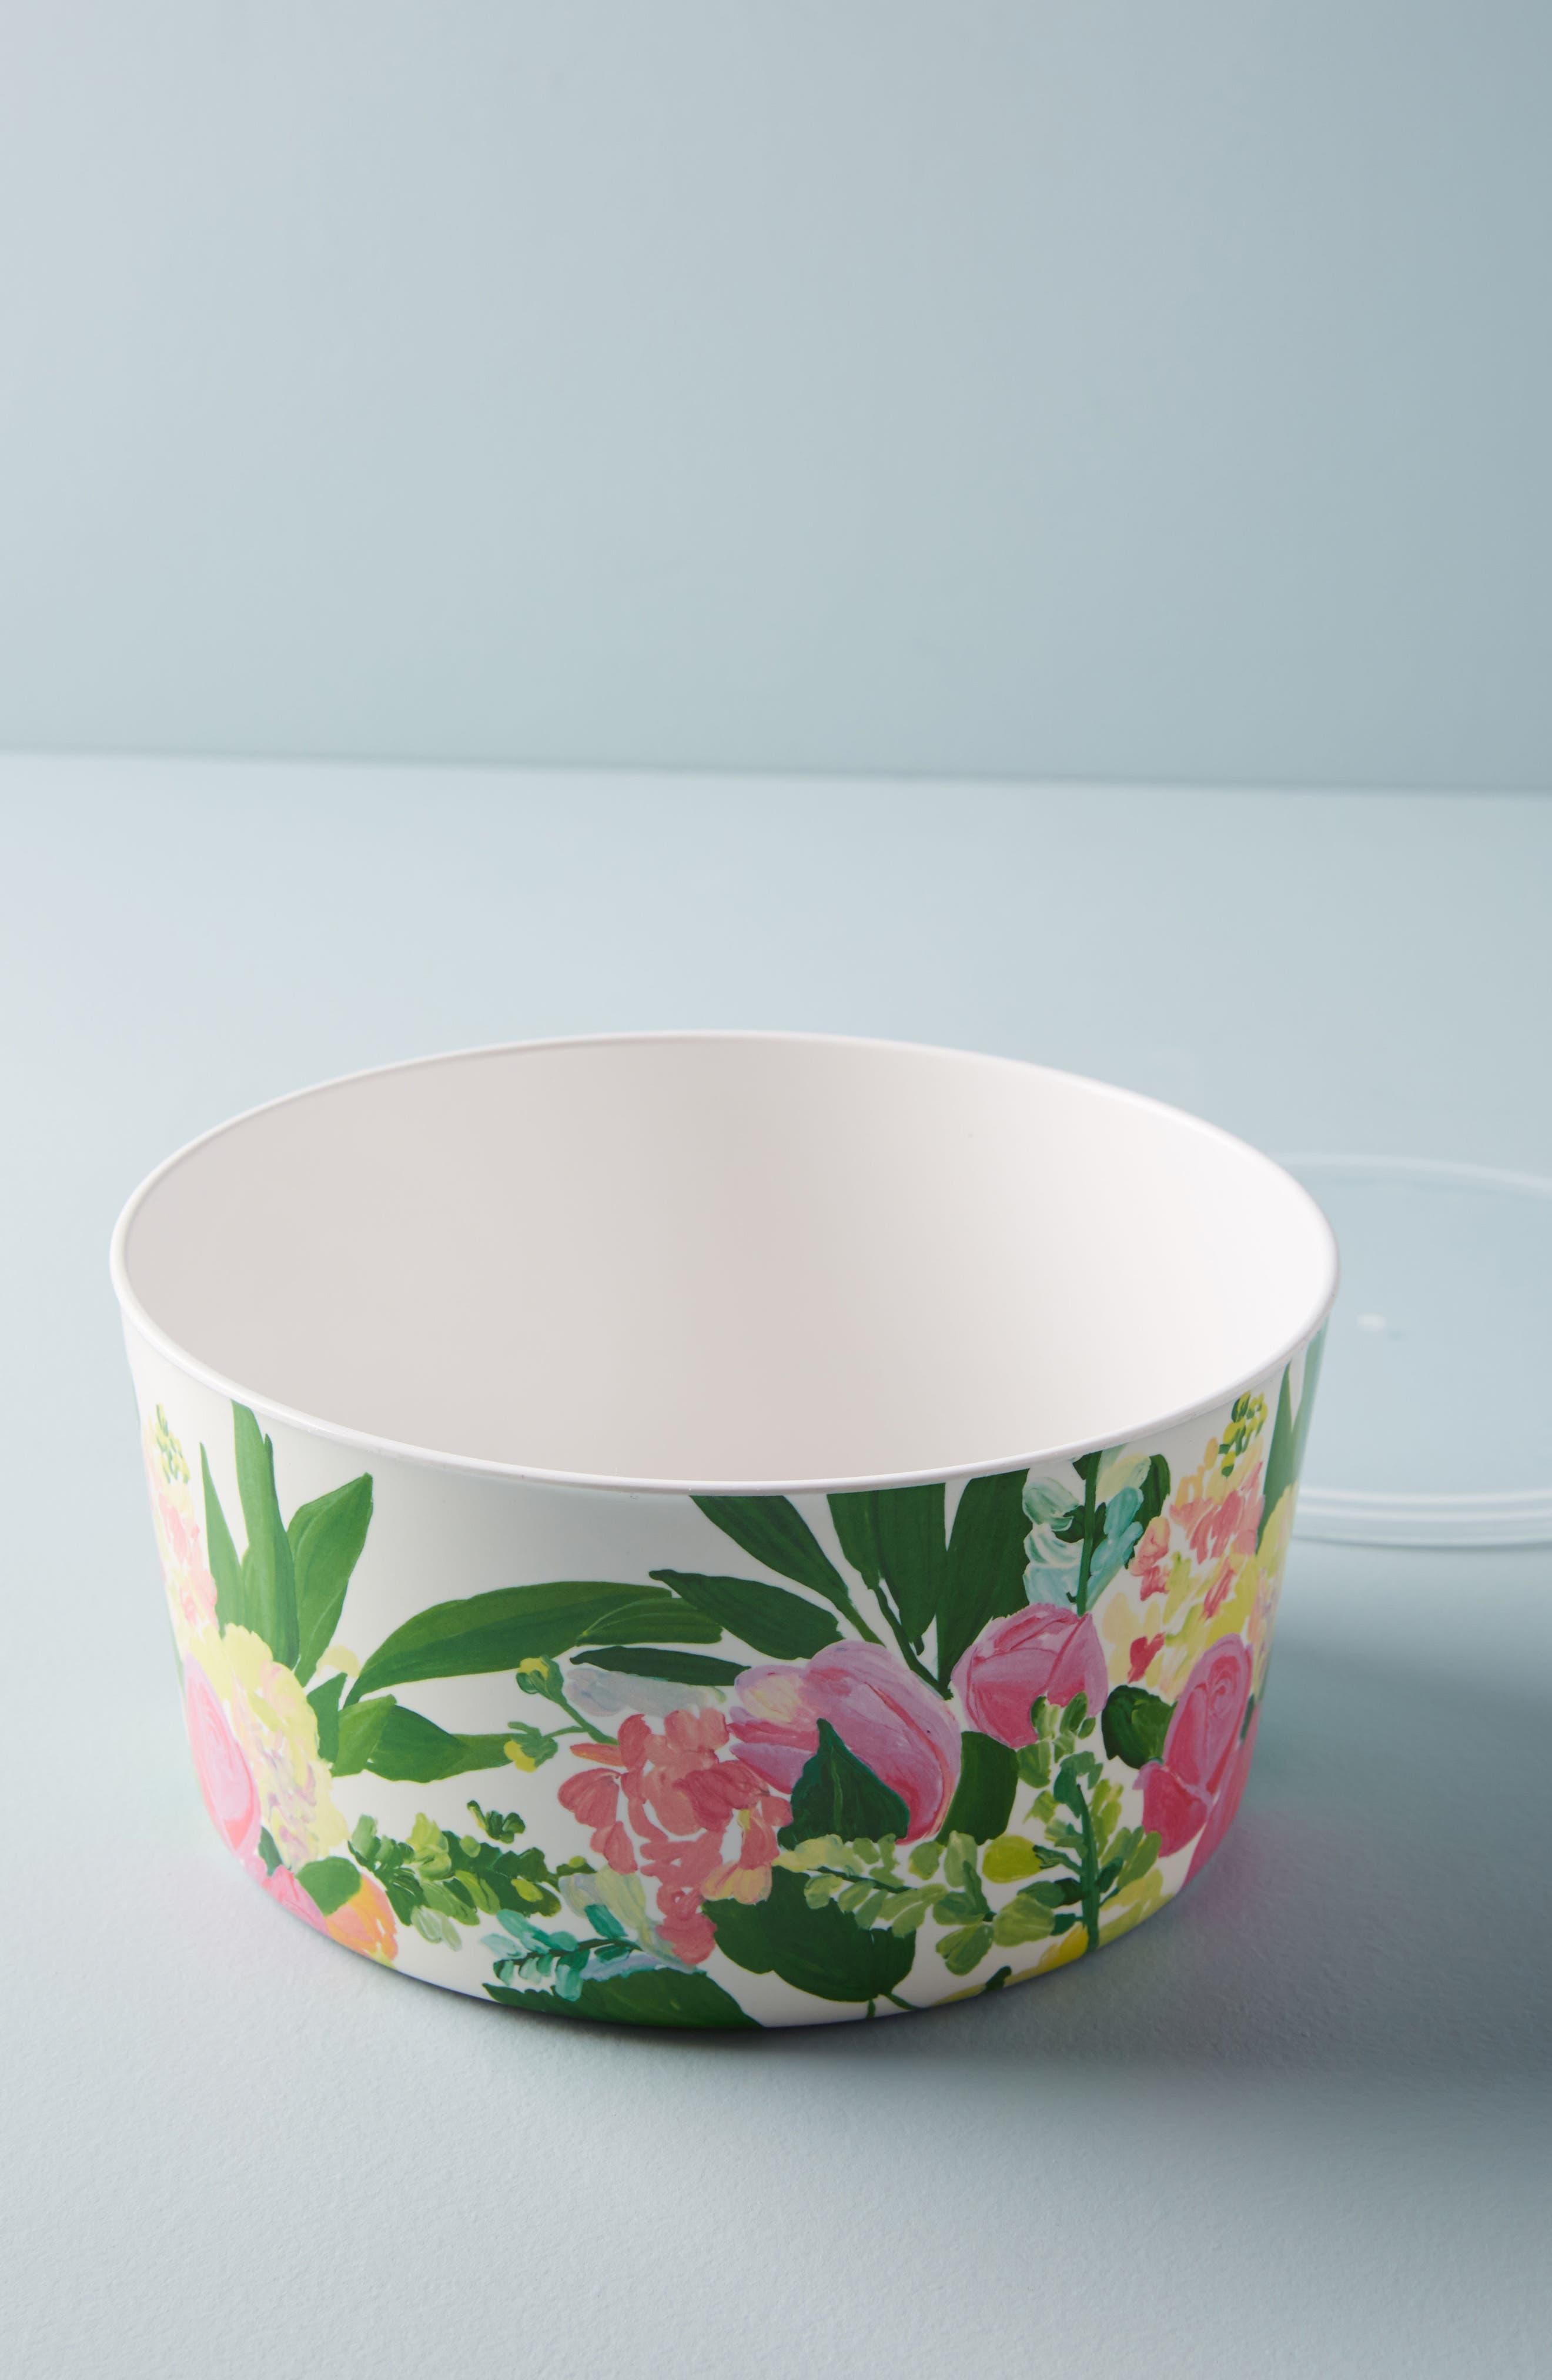 Paint + Petals Melamine Storage Bowl,                         Main,                         color, White Multi